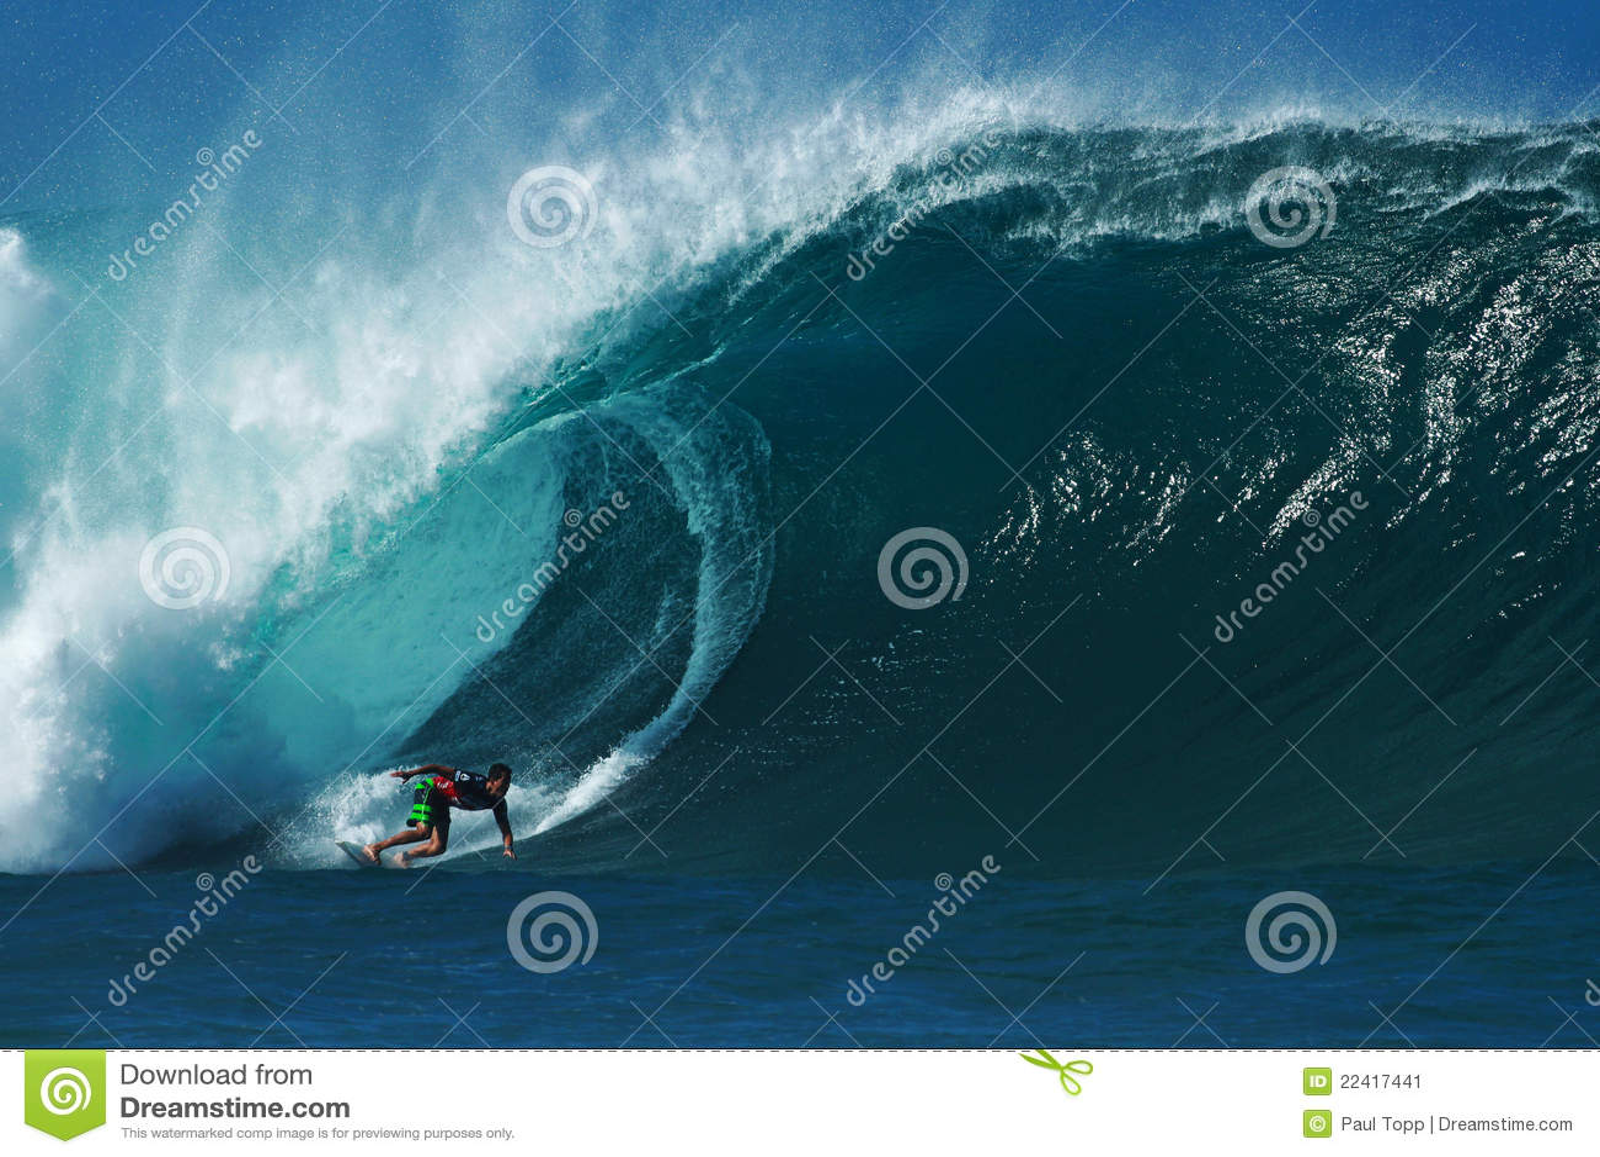 Surfer Evan Valiere Surfing Pipeline in Hawaii